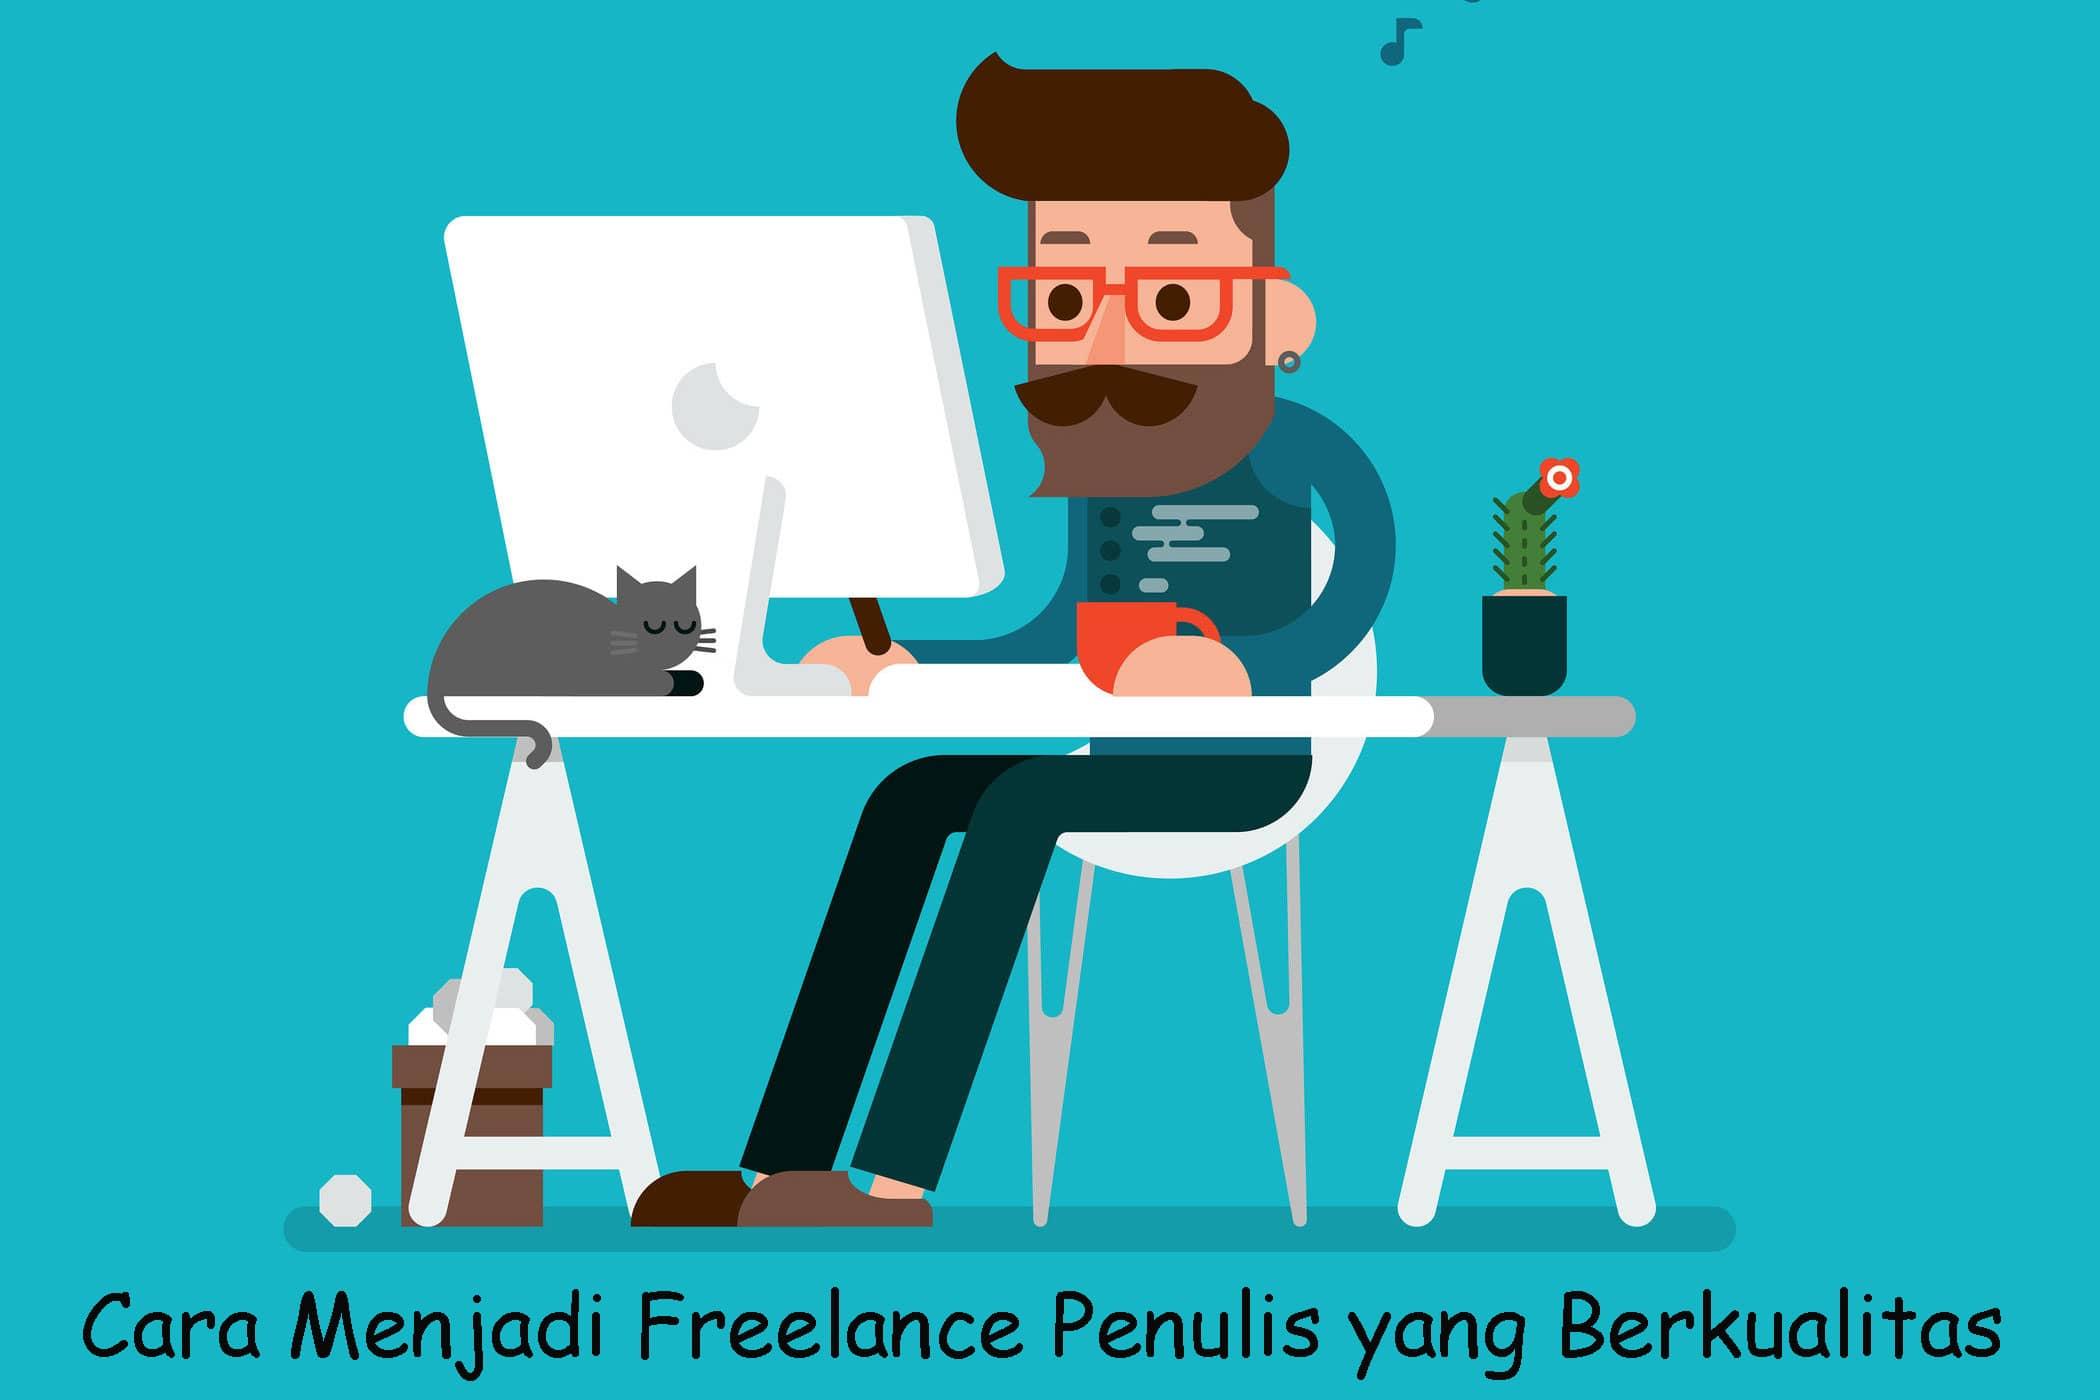 Cara-Menjadi-Freelance-Penulis-yang-Berkualitas-